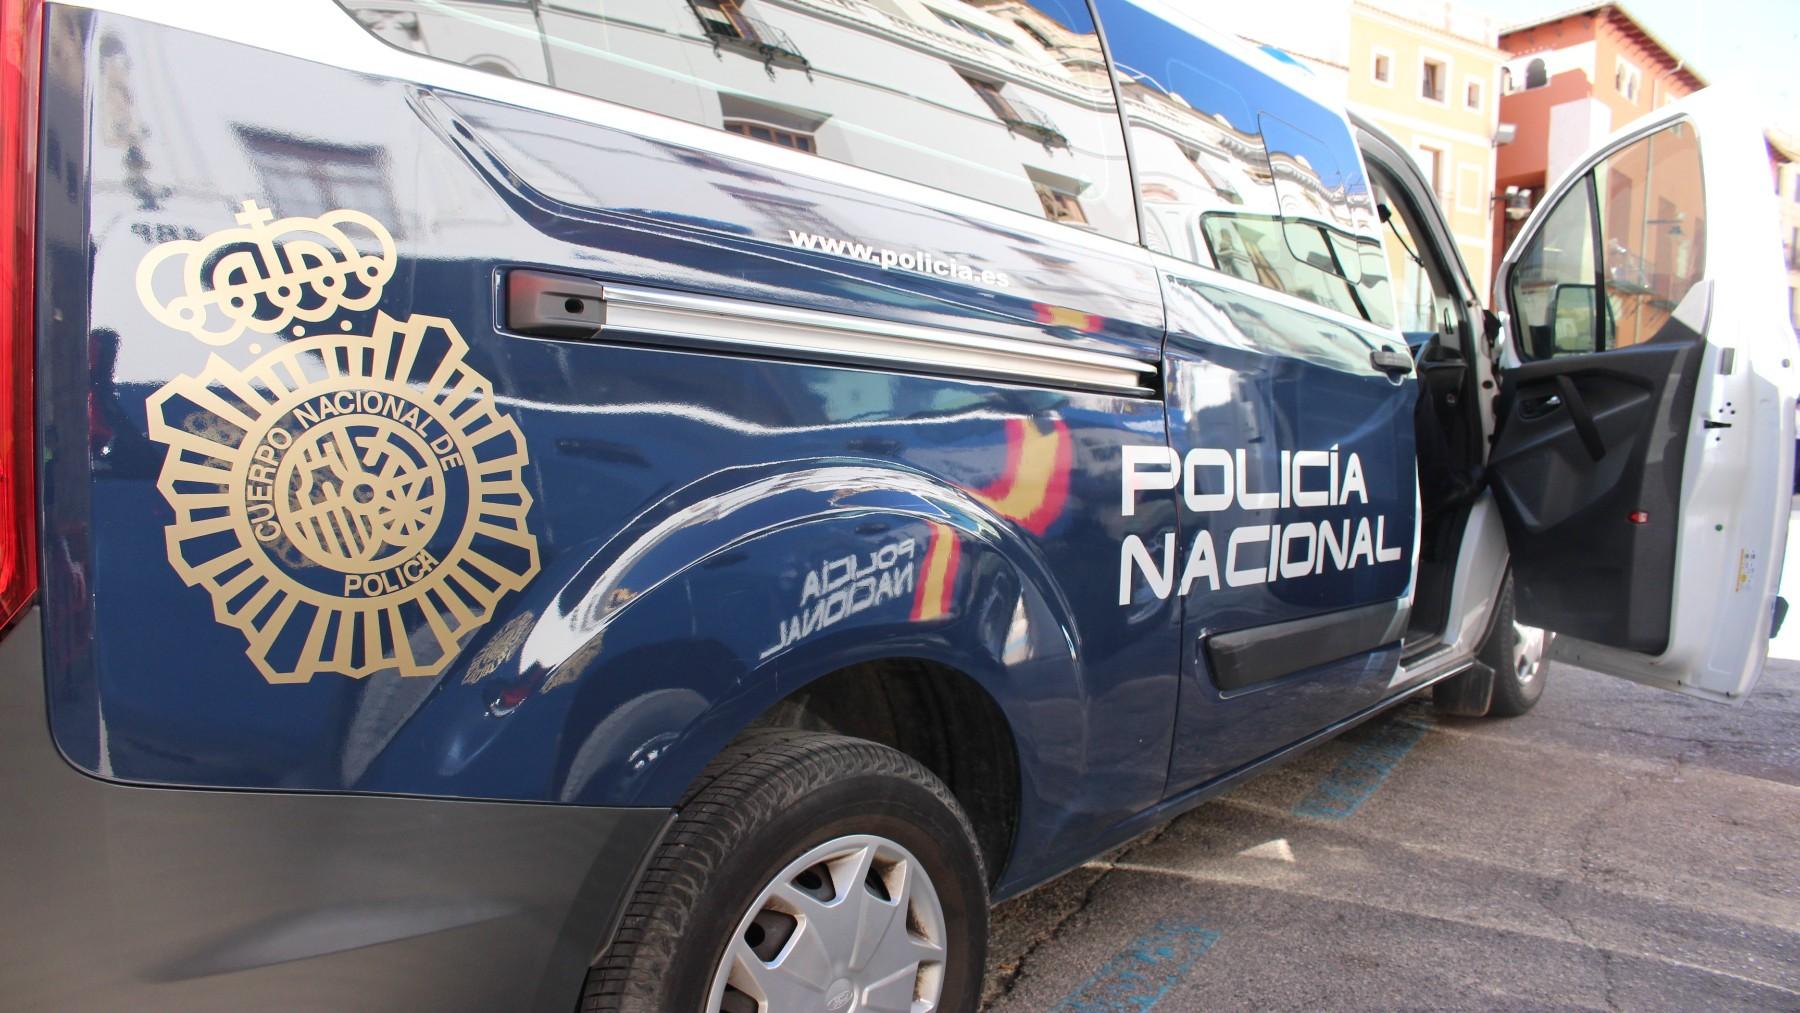 Coche patrulla de la Policía Nacional (CNP). (1)